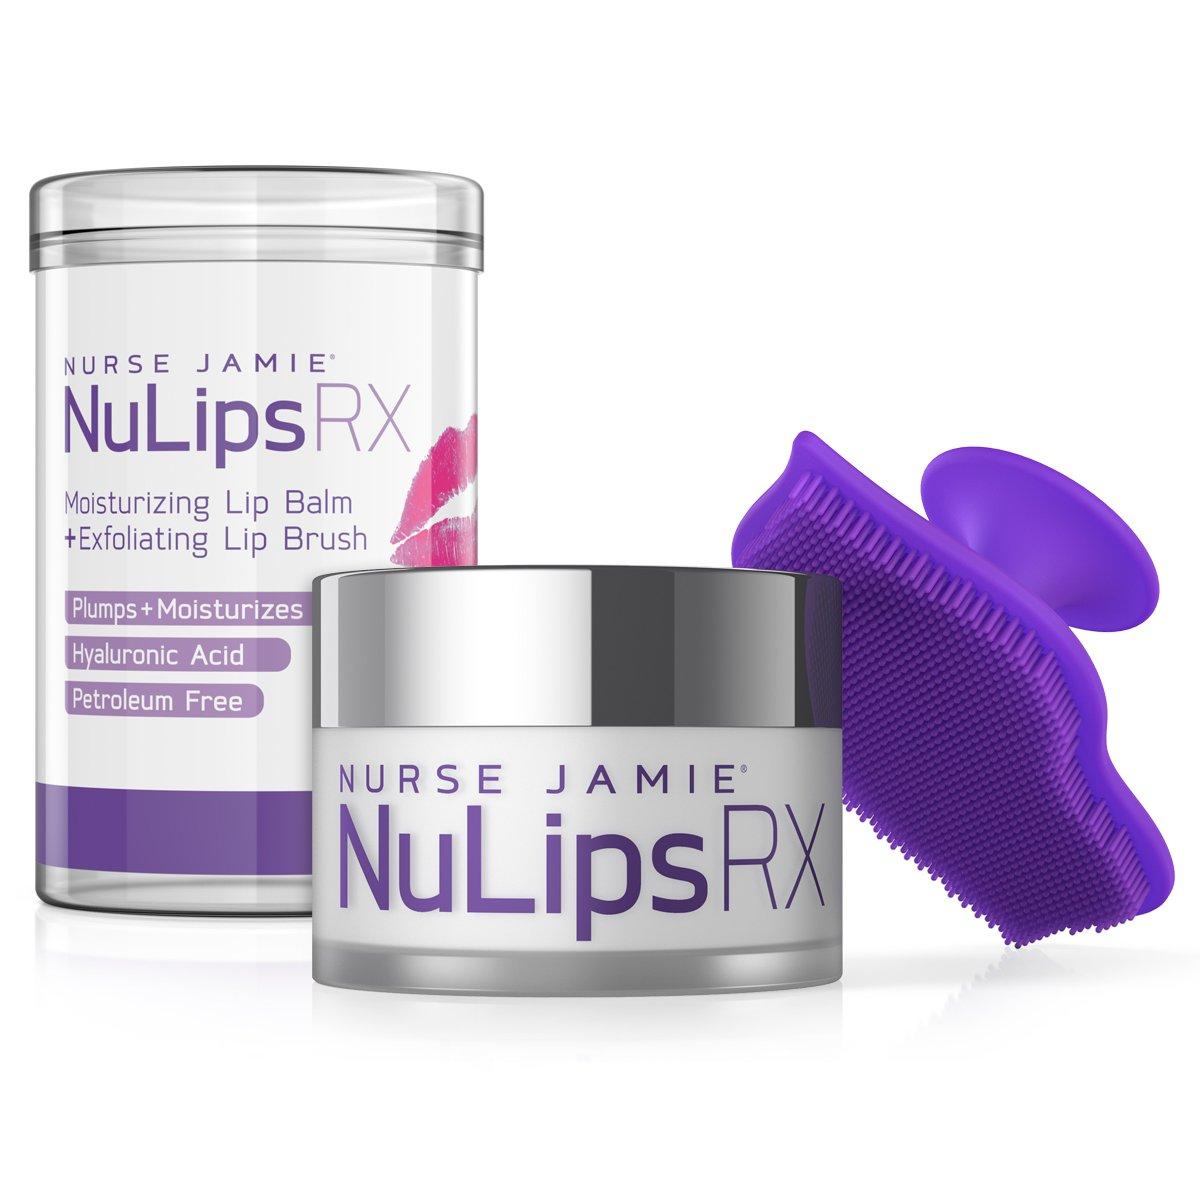 Nurse Jamie Nulips RX Moisturizing Lip Balm & Exfoliating Lip Brush by Nurse Jamie